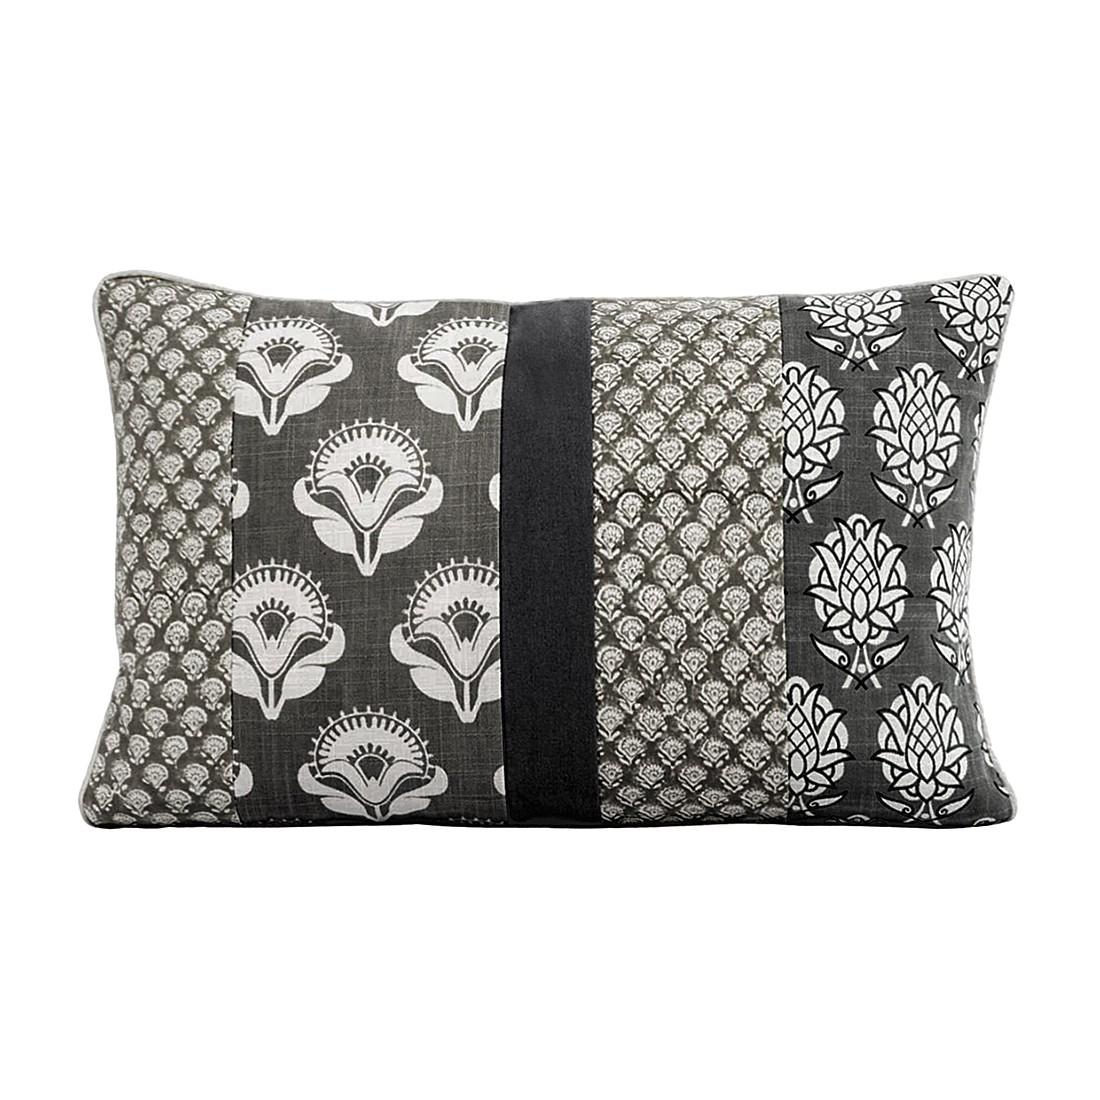 Kissenhülle Melange – Baumwolle – Grau/Beige, PureDay jetzt bestellen